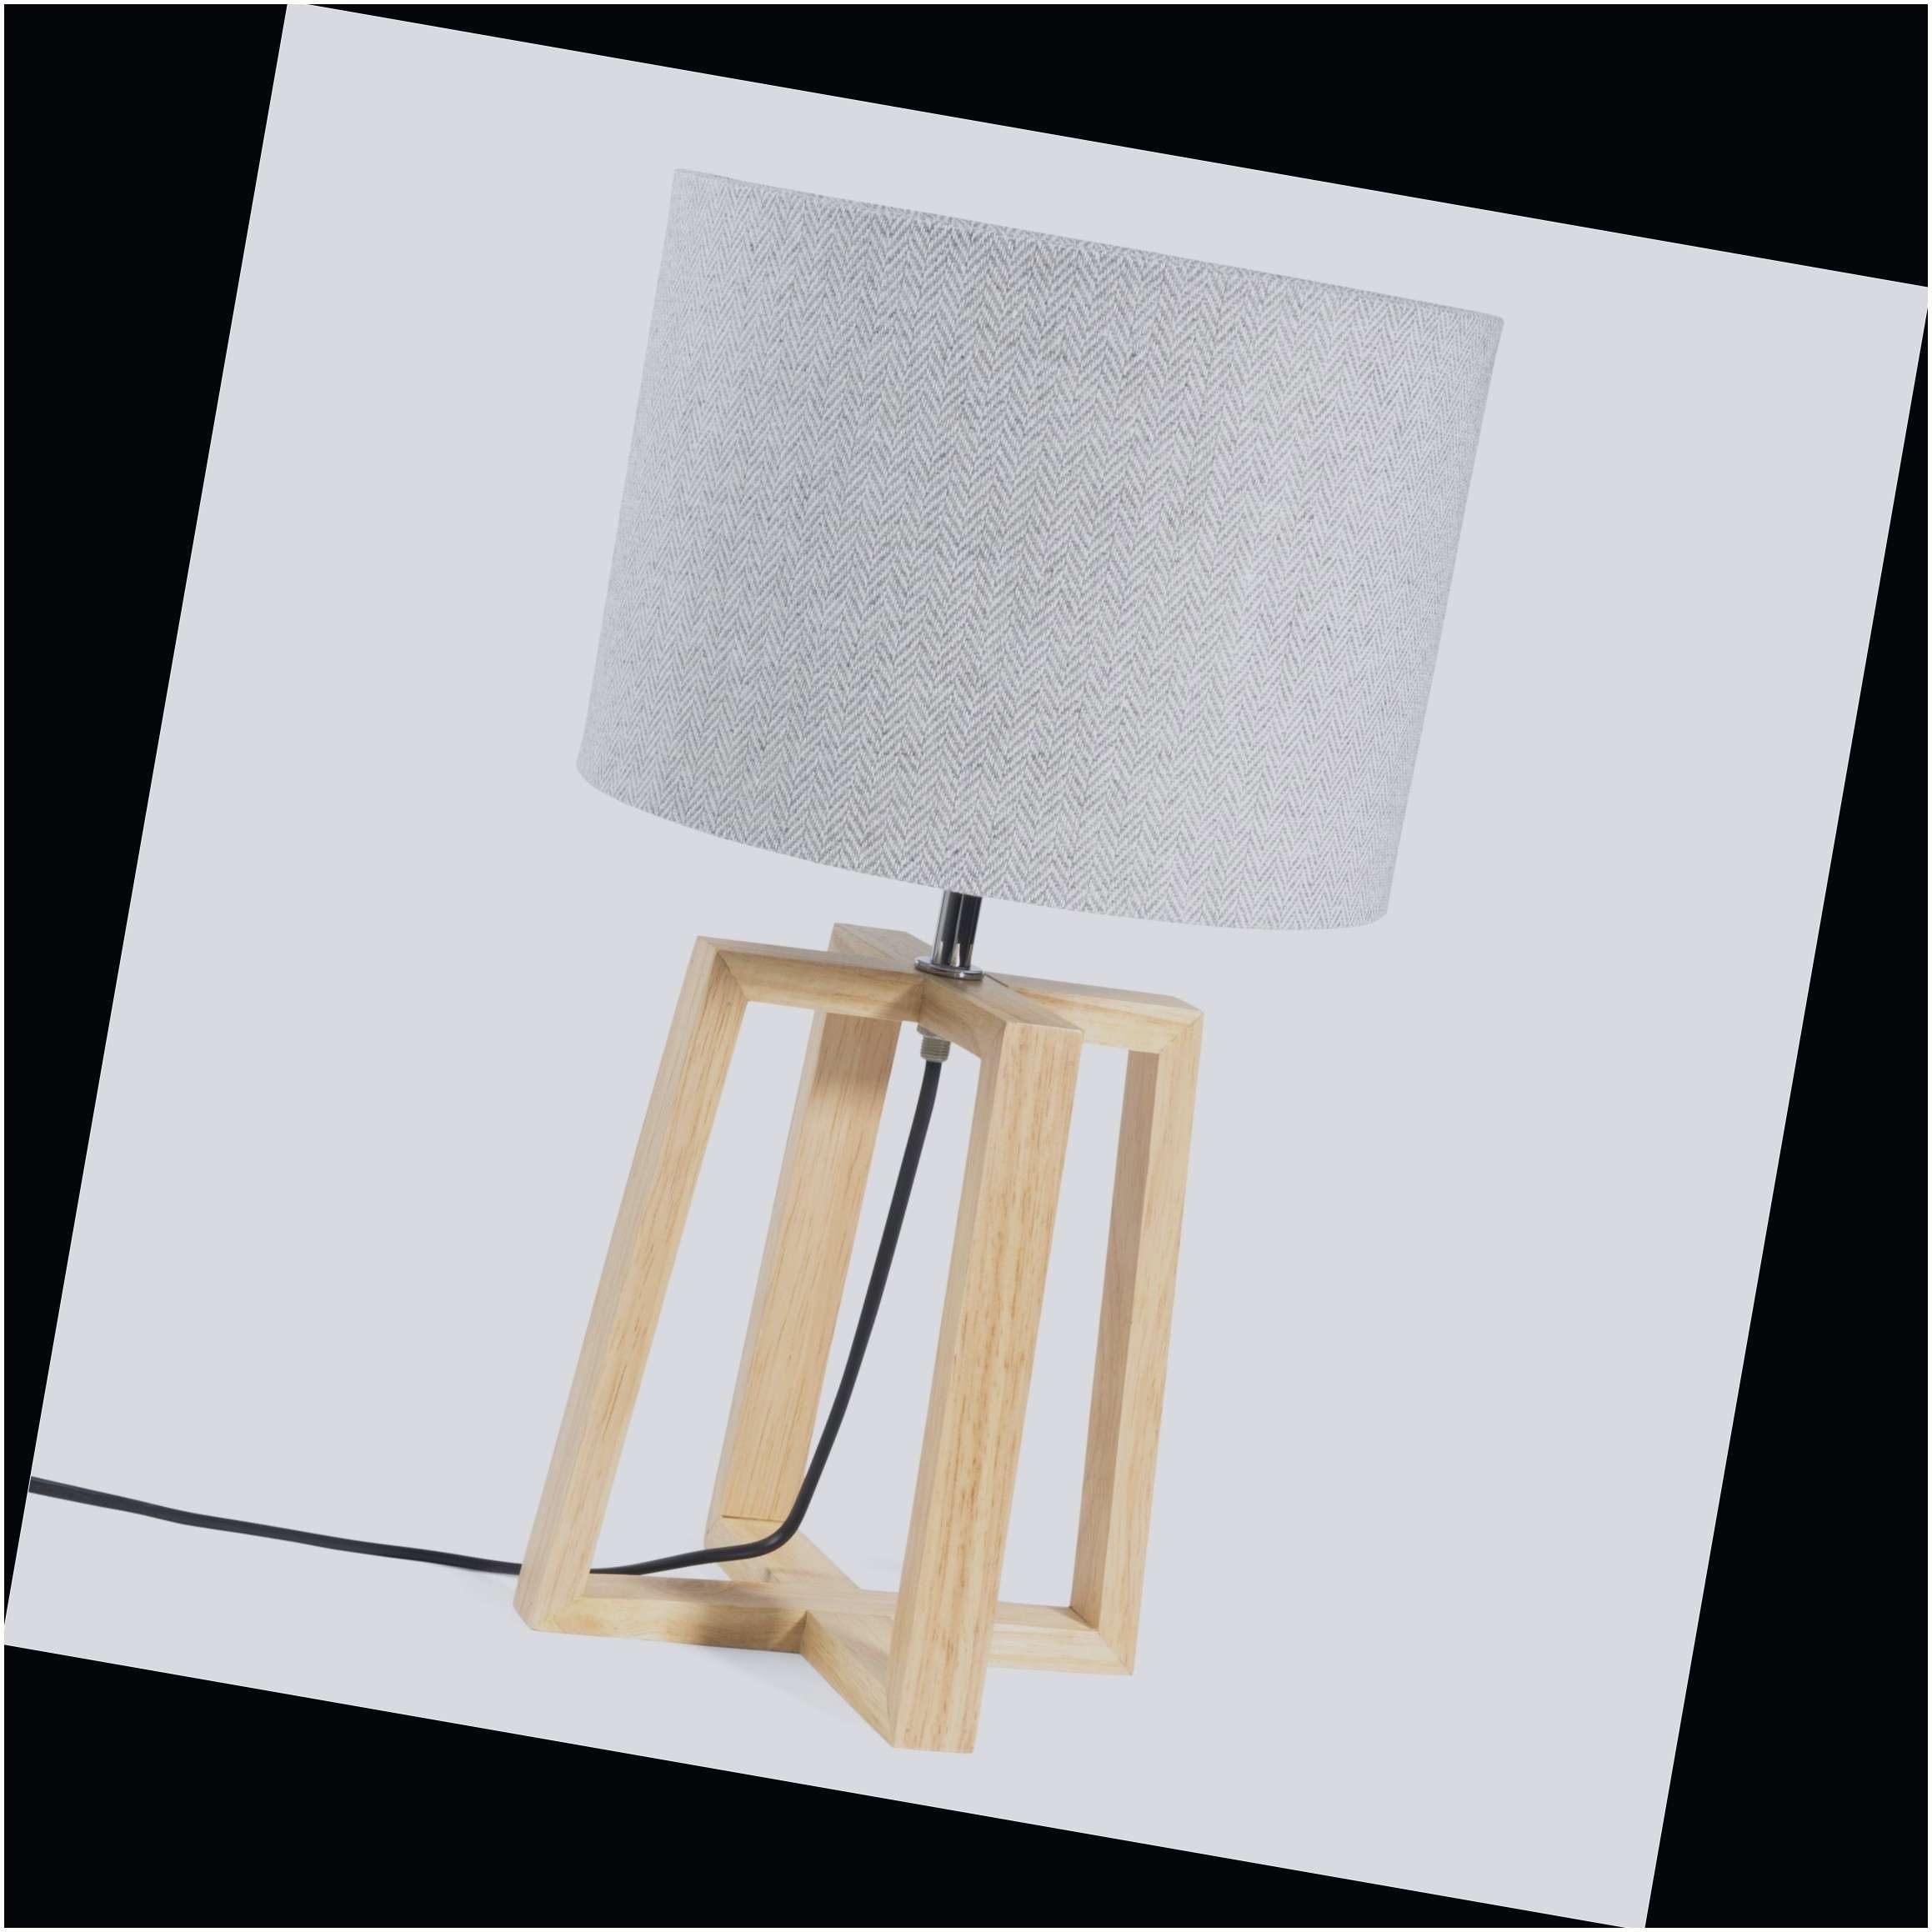 Ikea Lits Superposés Luxe Impressionnant Lampe Liseuse Sur Piedml 2018 Pour Choix Protection